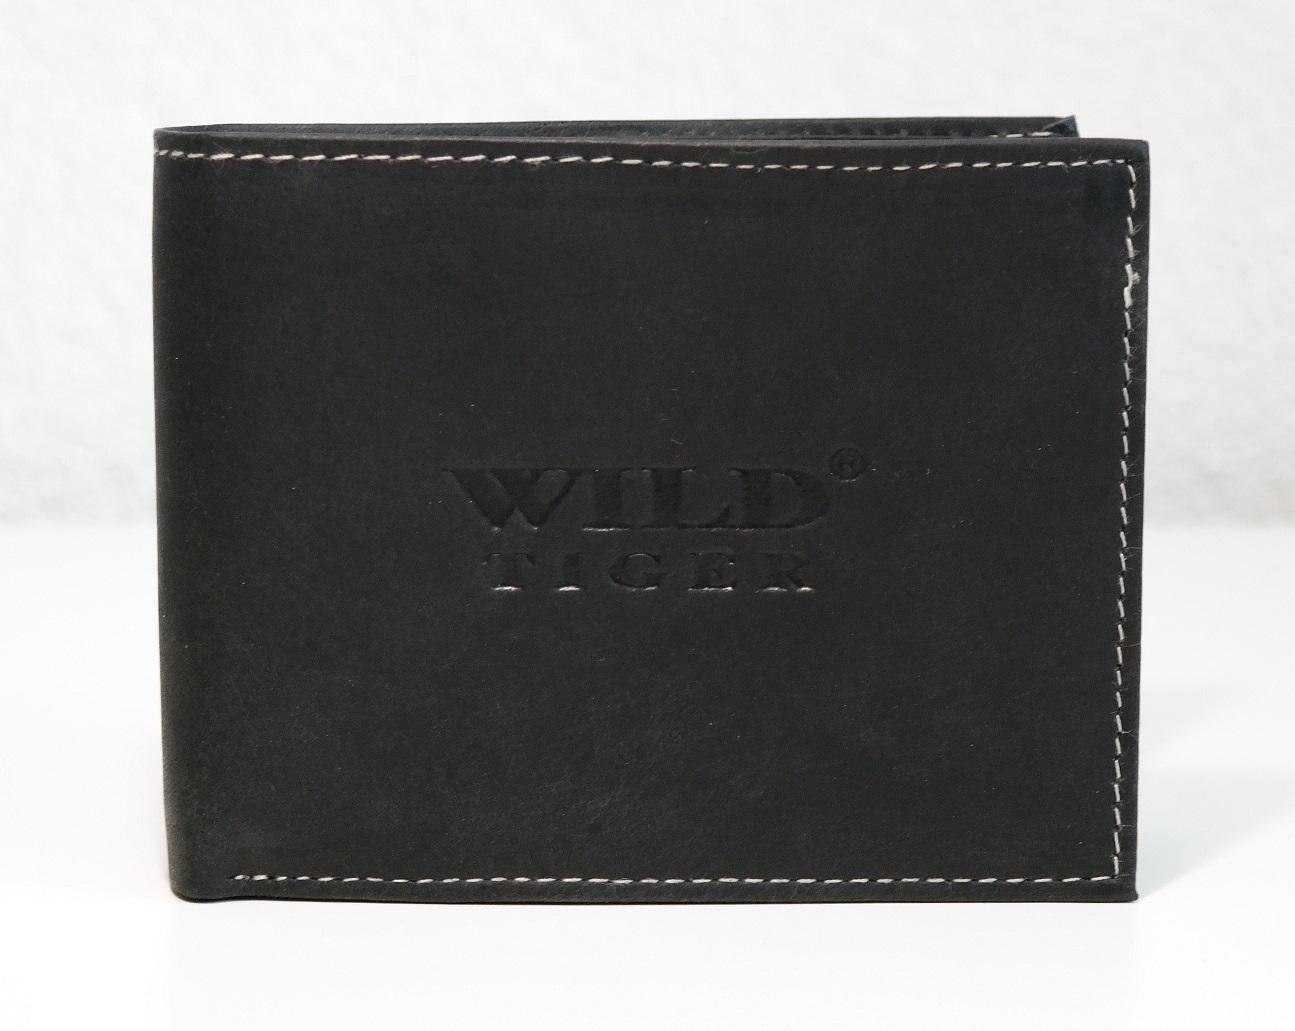 Pánská kožená peněženka Wild Tiger černá podélná bez zapínání.